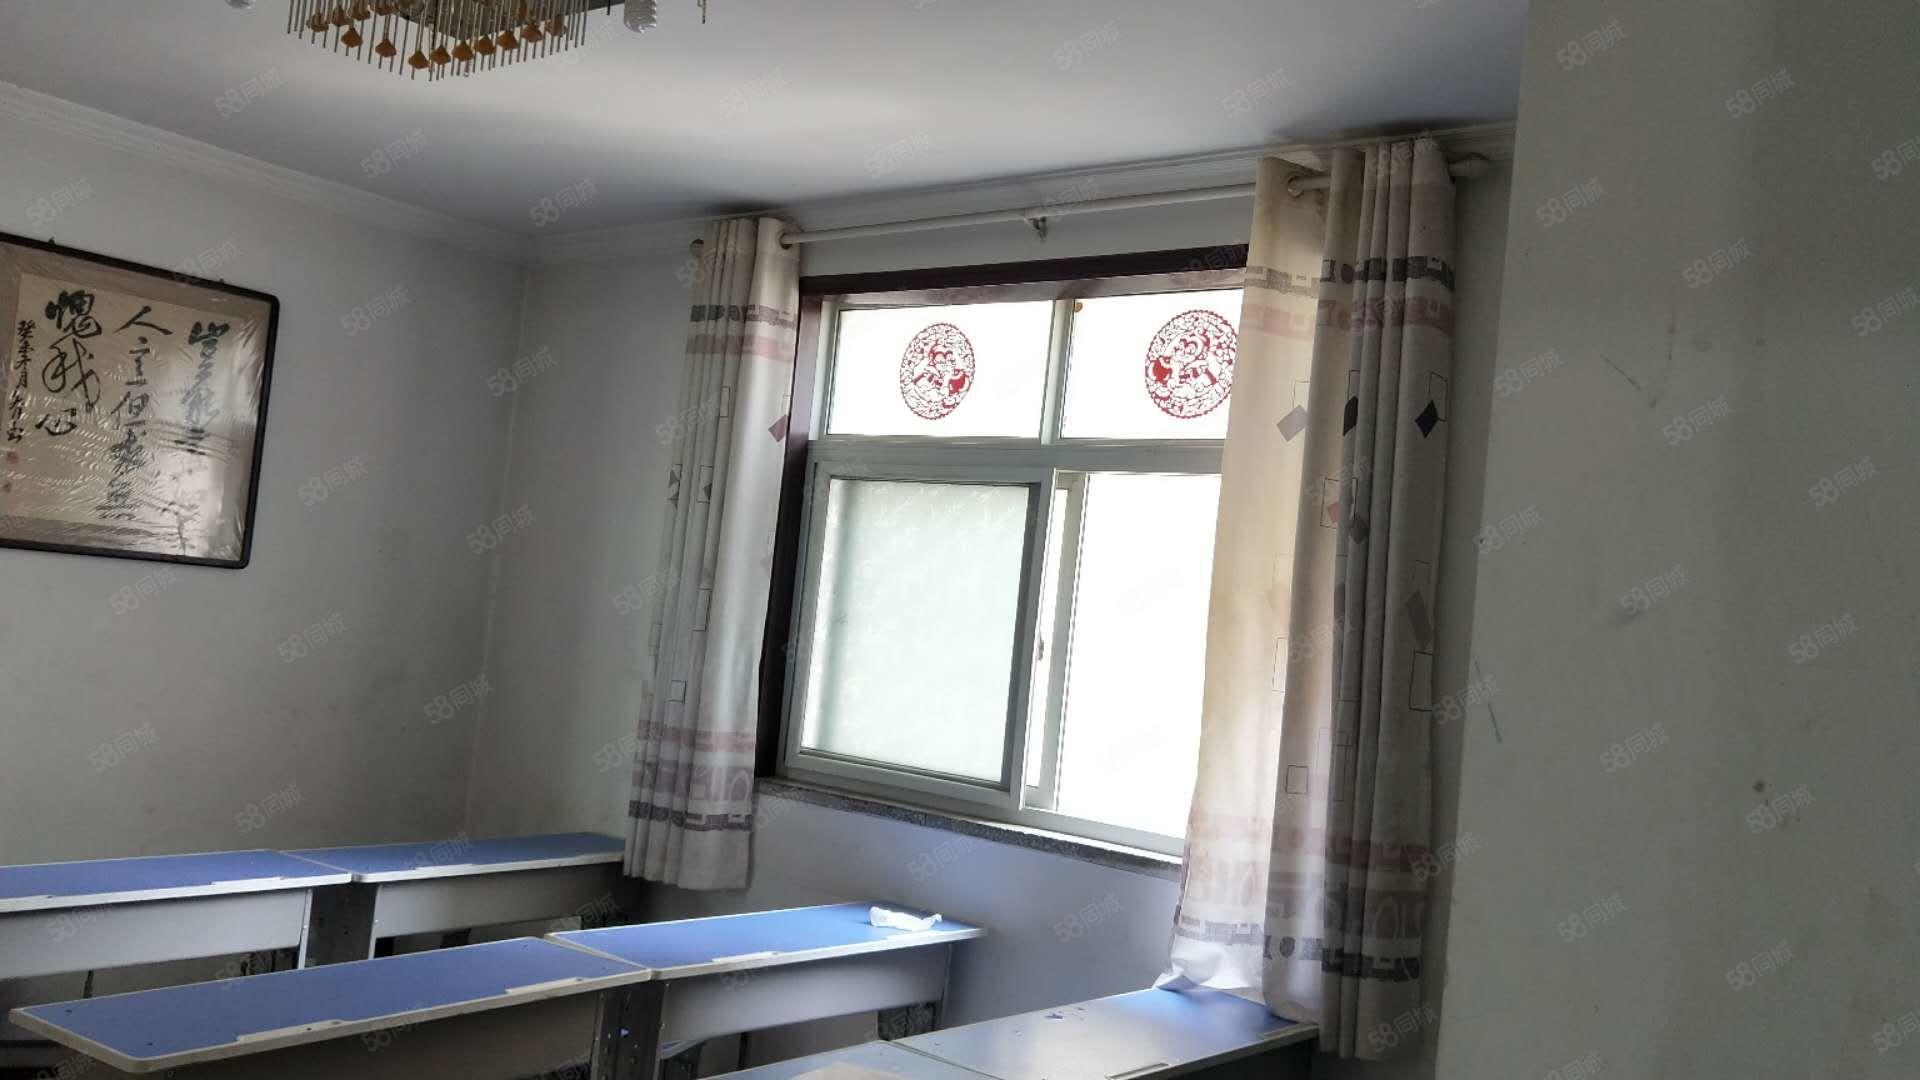 緊鄰三實小九中兩所學校,上下學不用接送,三室兩廳95平白菜價